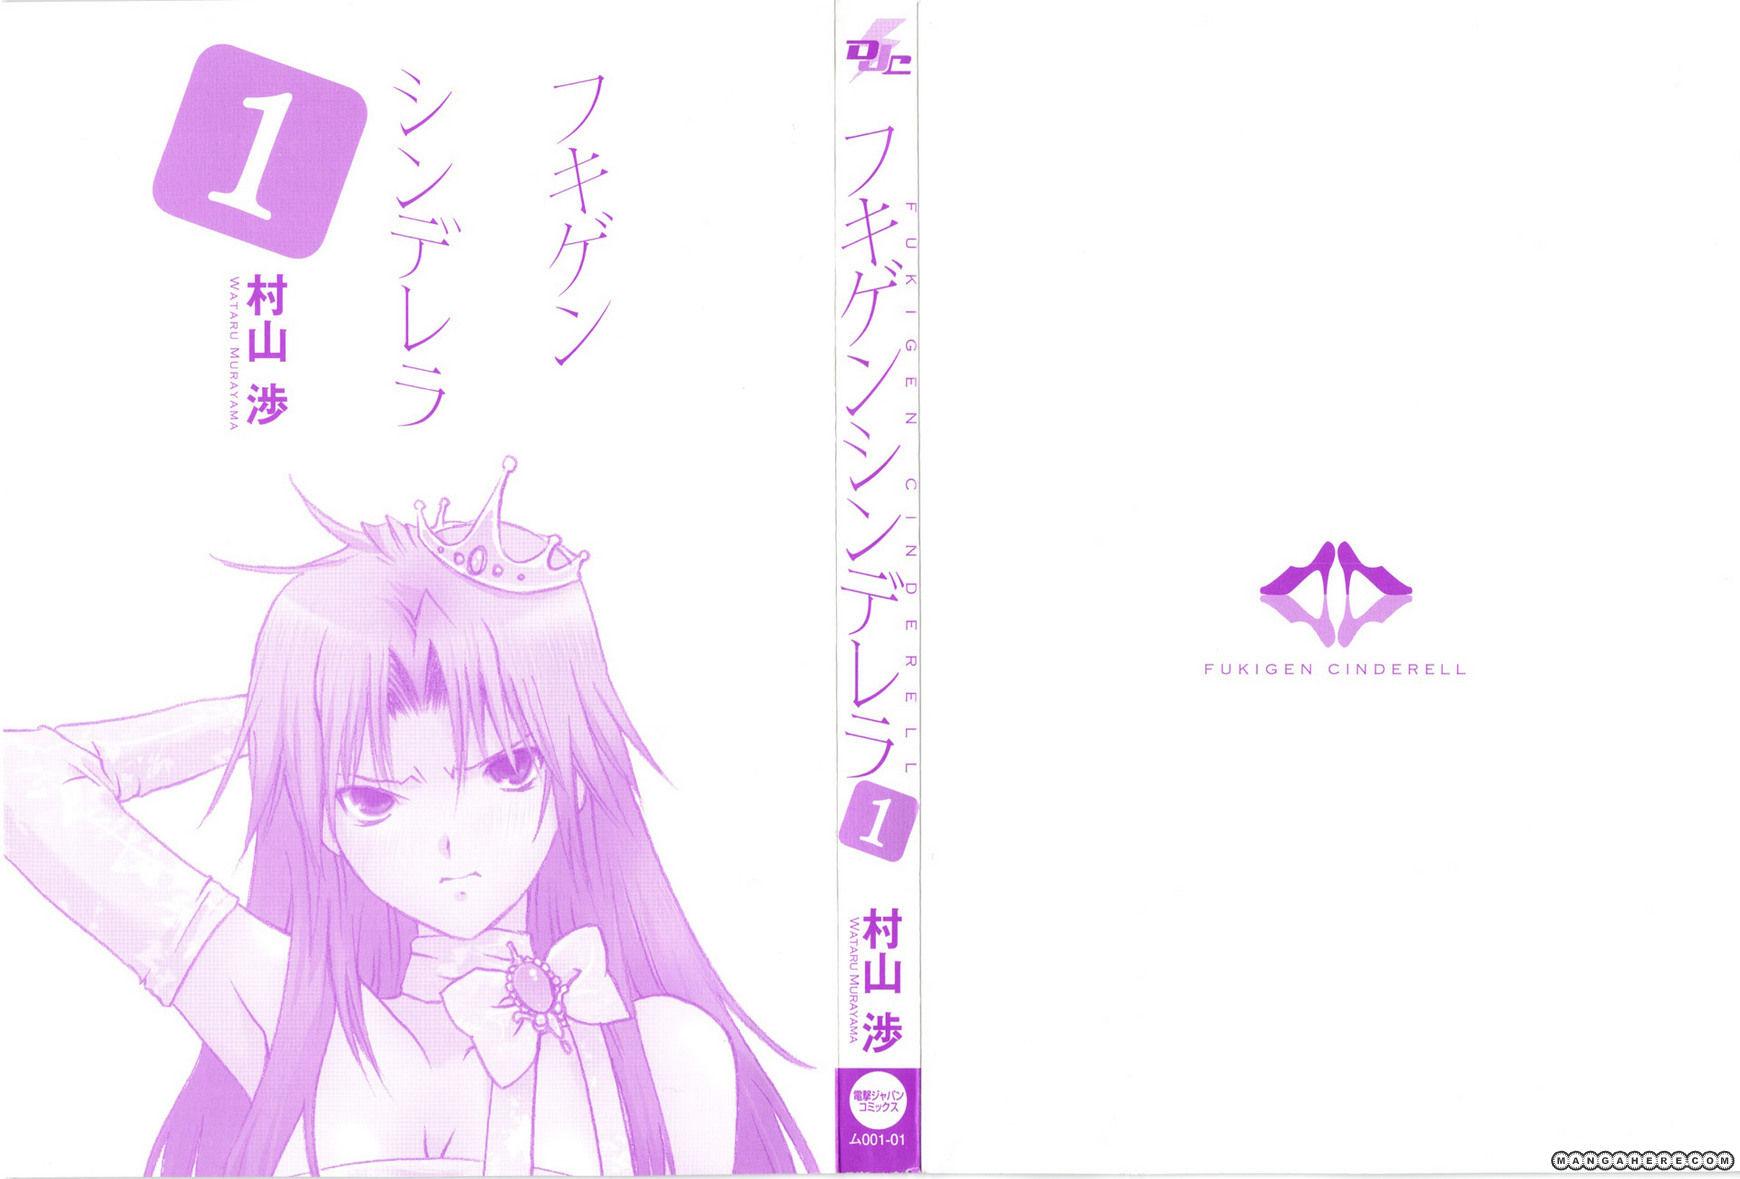 Fukigen Cinderella 1 Page 2